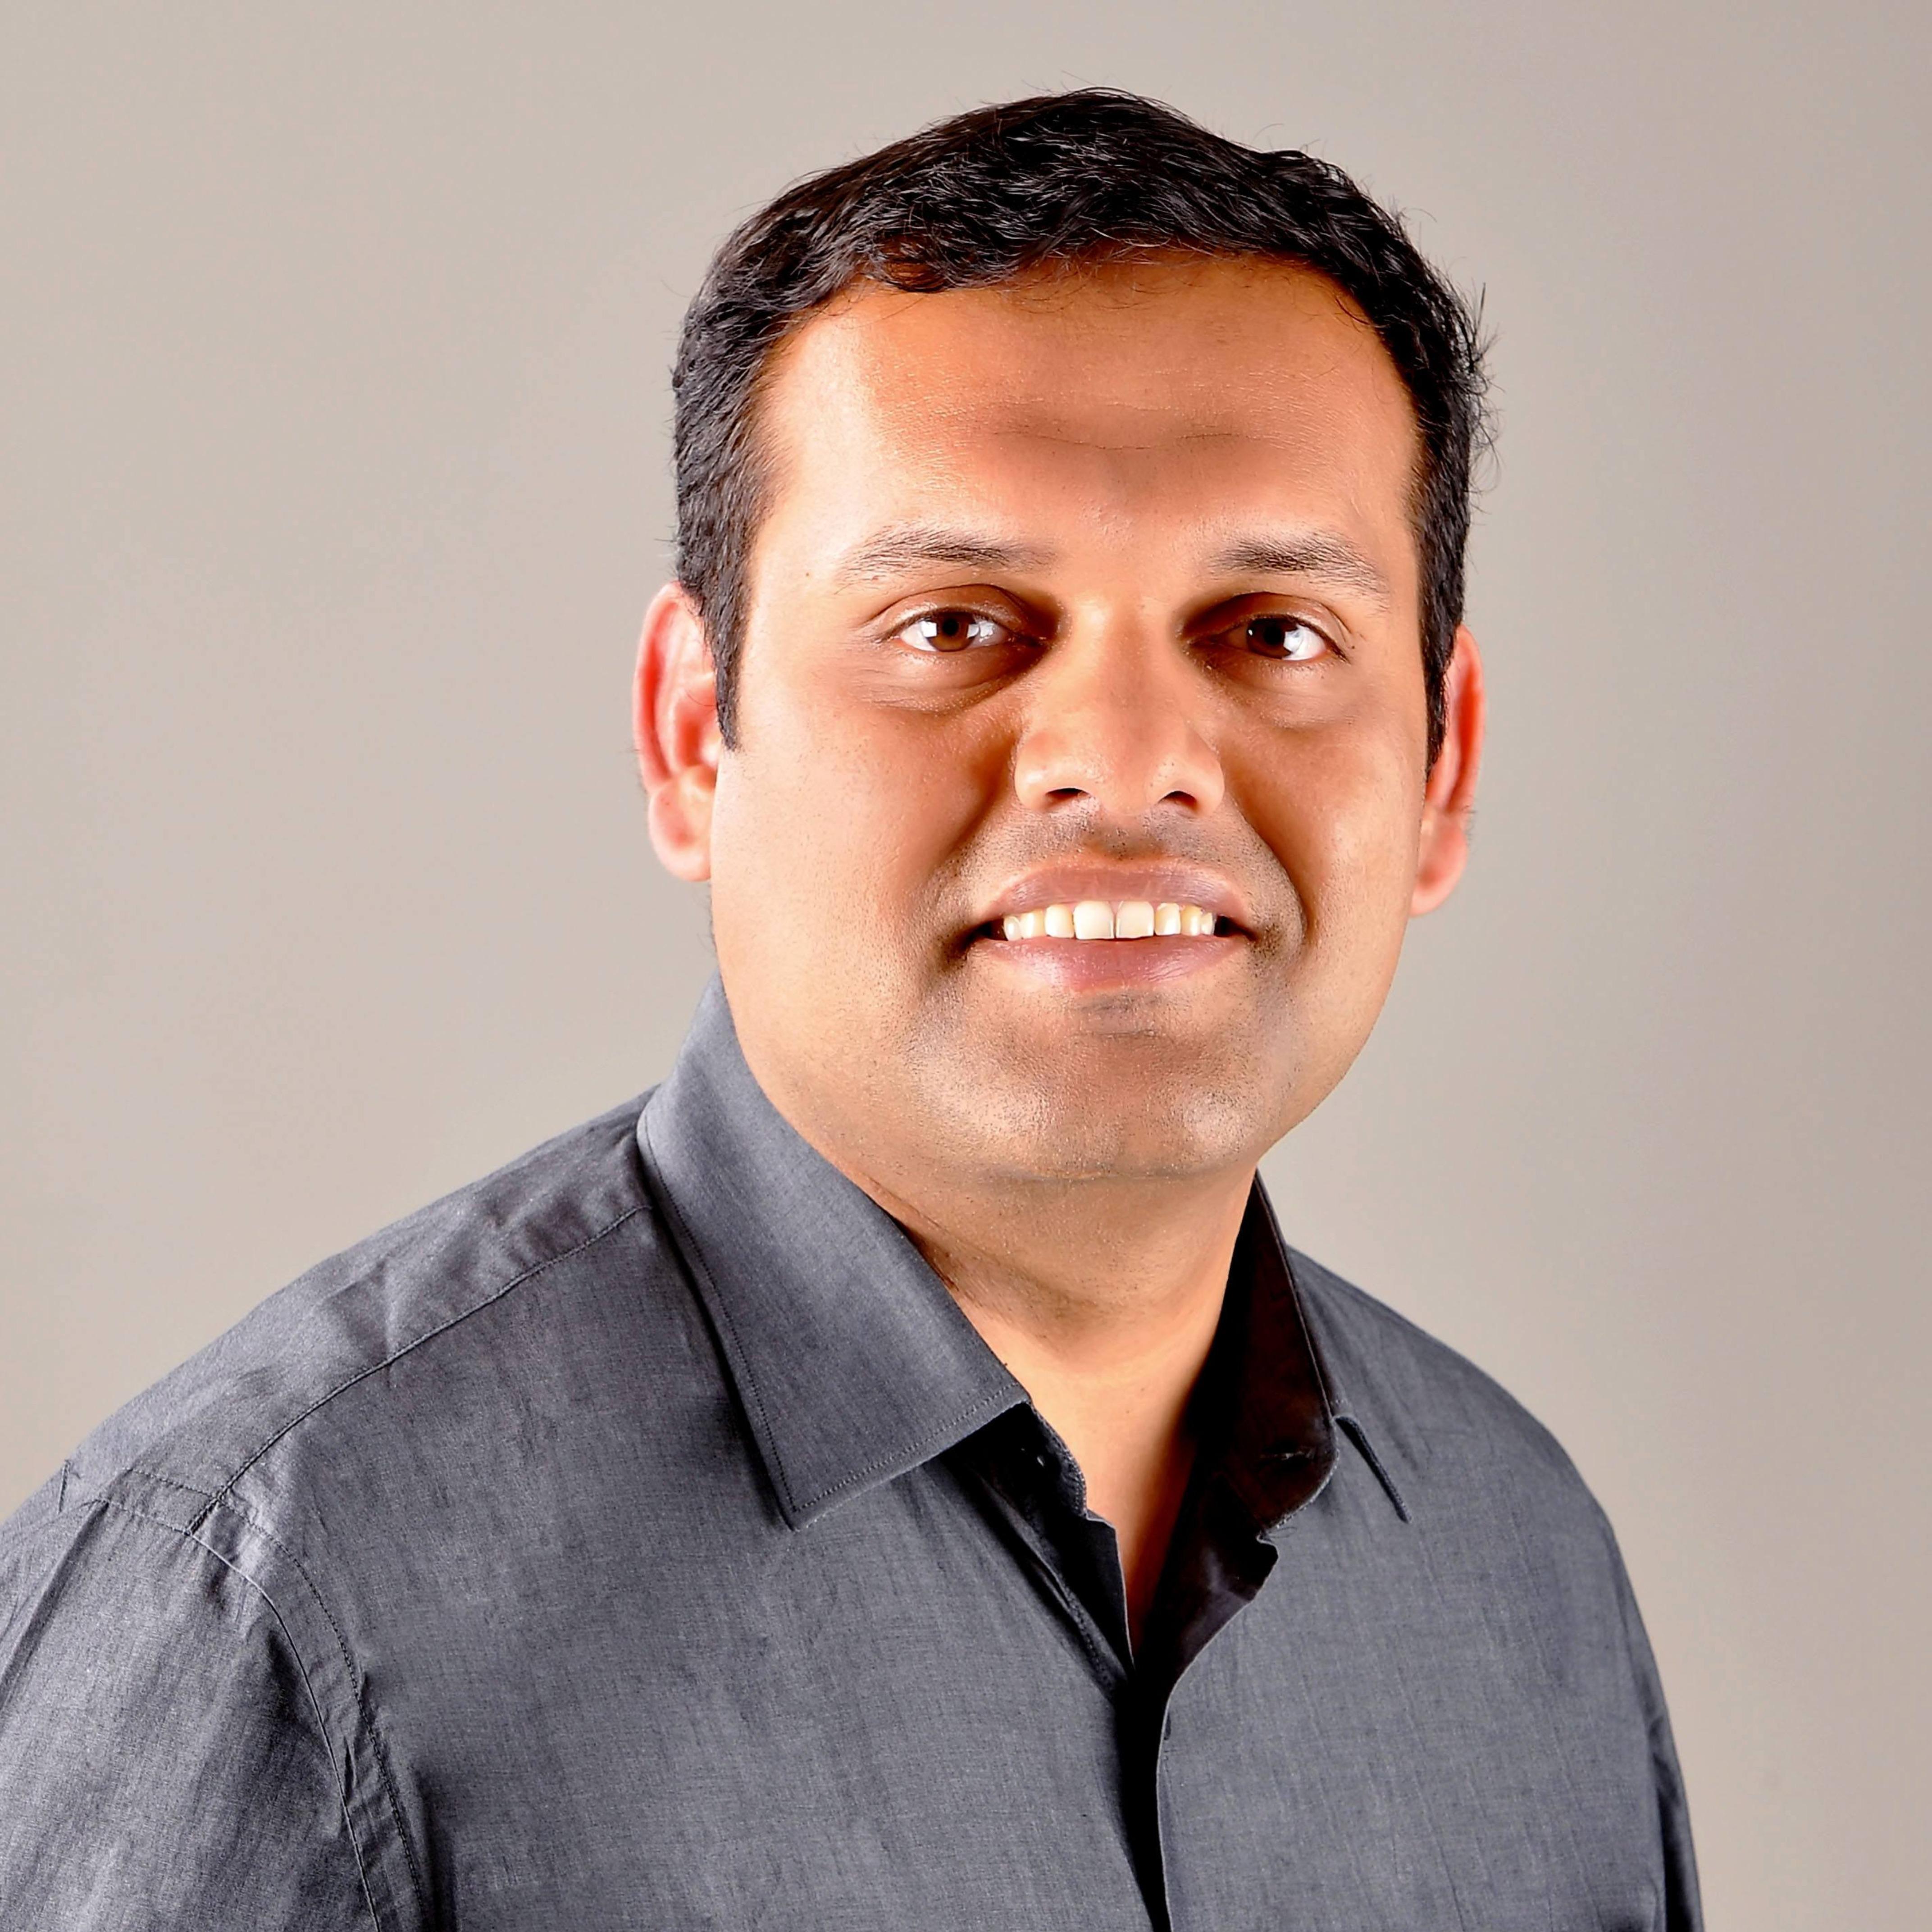 Rohit Bhagade